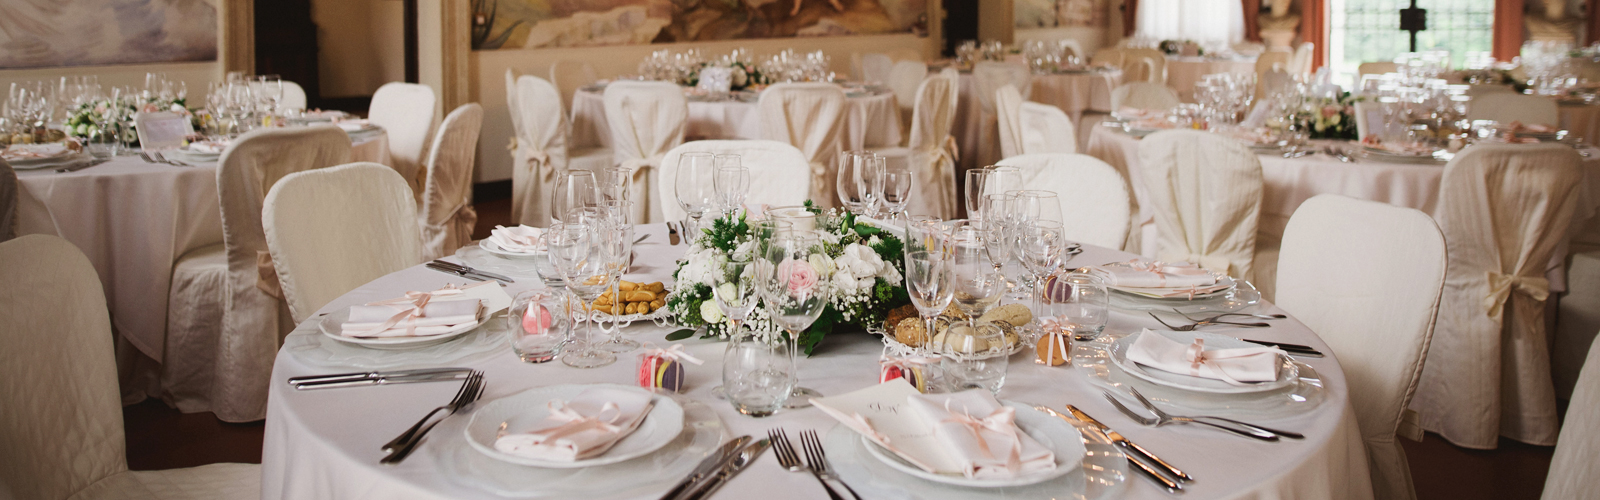 location matrimoni Vicenza, location matrimonio Padova, Location matrimonio Vicenza , location matrimoni Padova, ricevimento matrimonio Vicenza, Vicenza ricevimento matrimonio